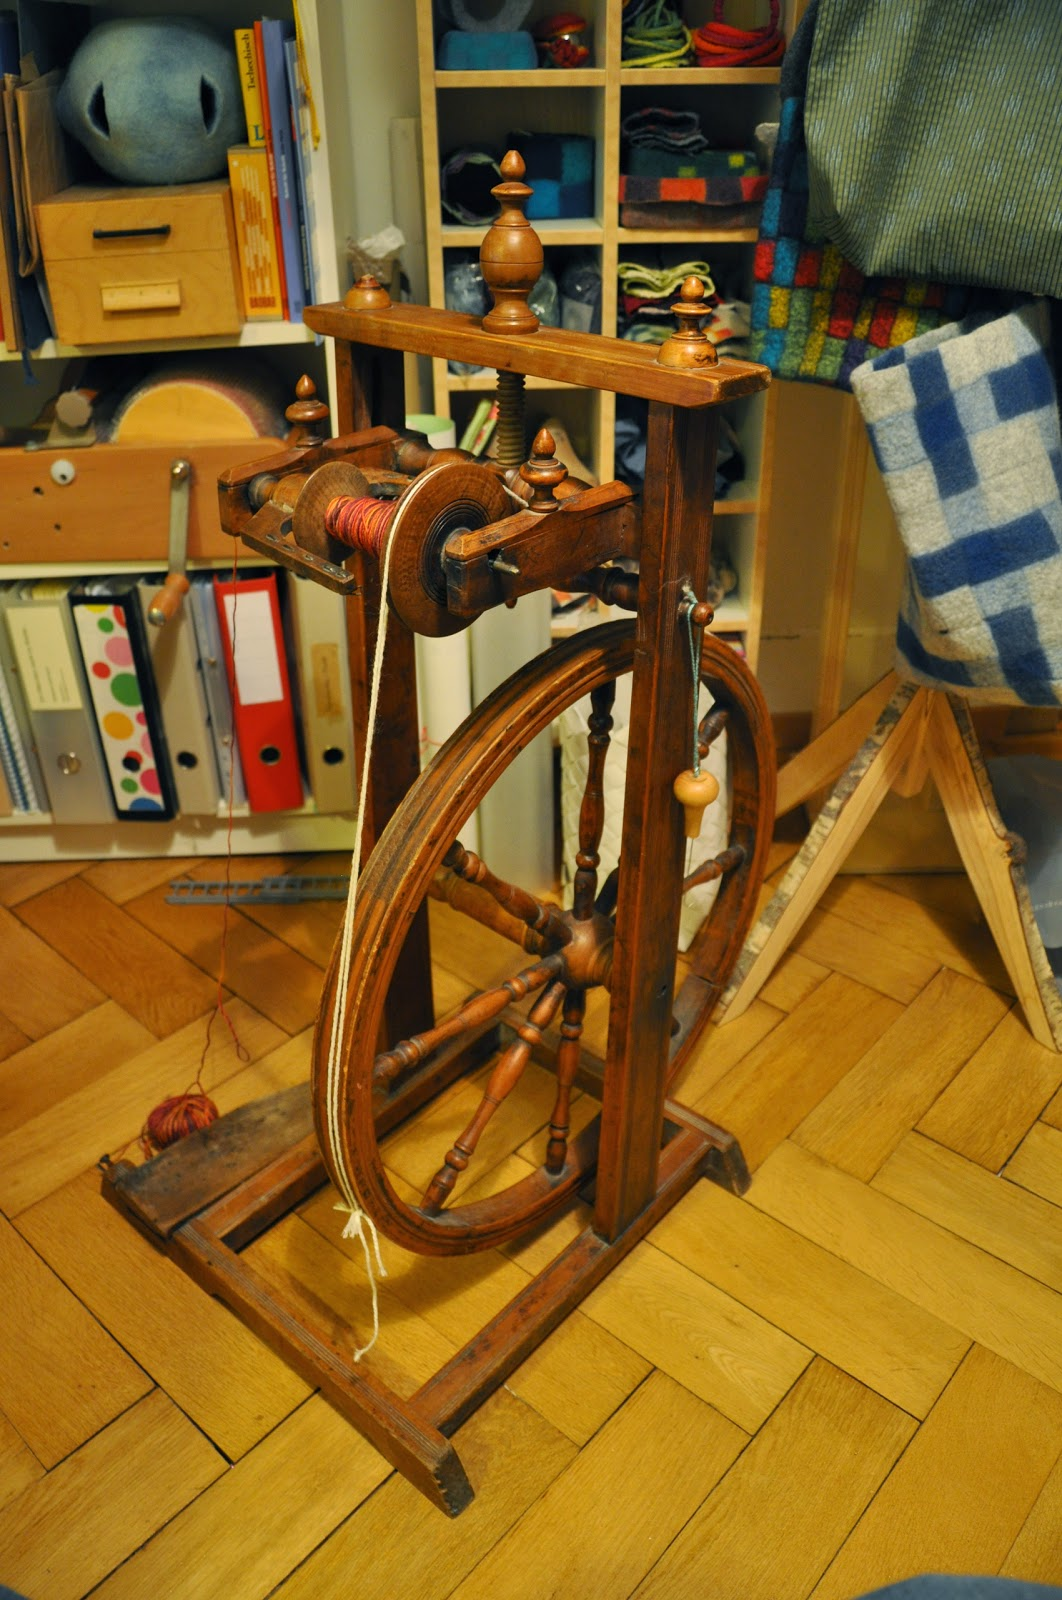 bin im garten spinnrad zu verschenken. Black Bedroom Furniture Sets. Home Design Ideas